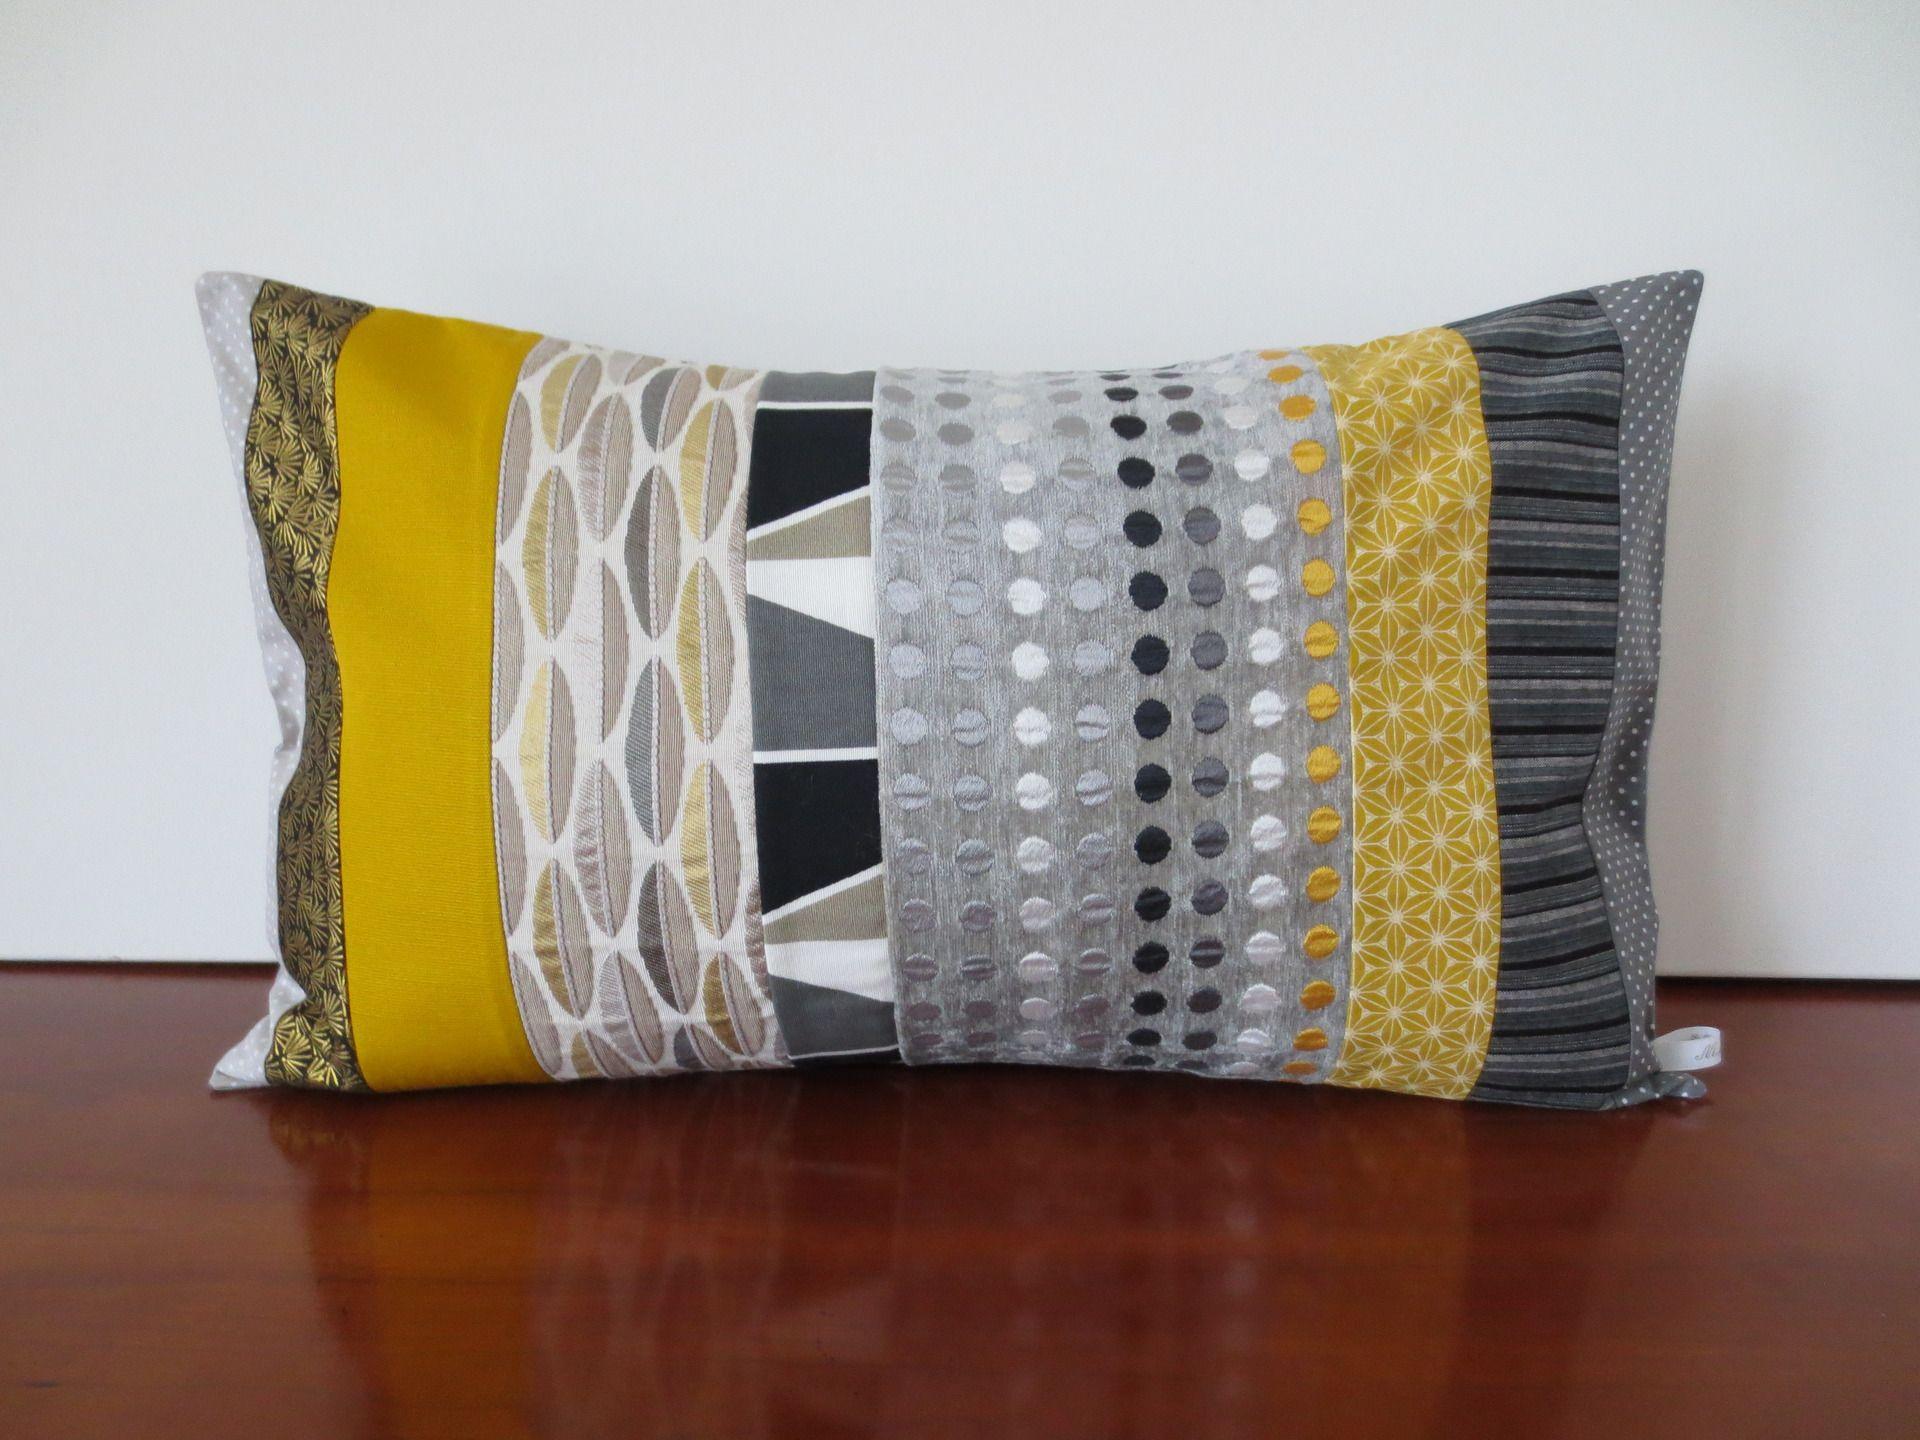 housse coussin moutarde au poivre en patchwork : textiles et tapis